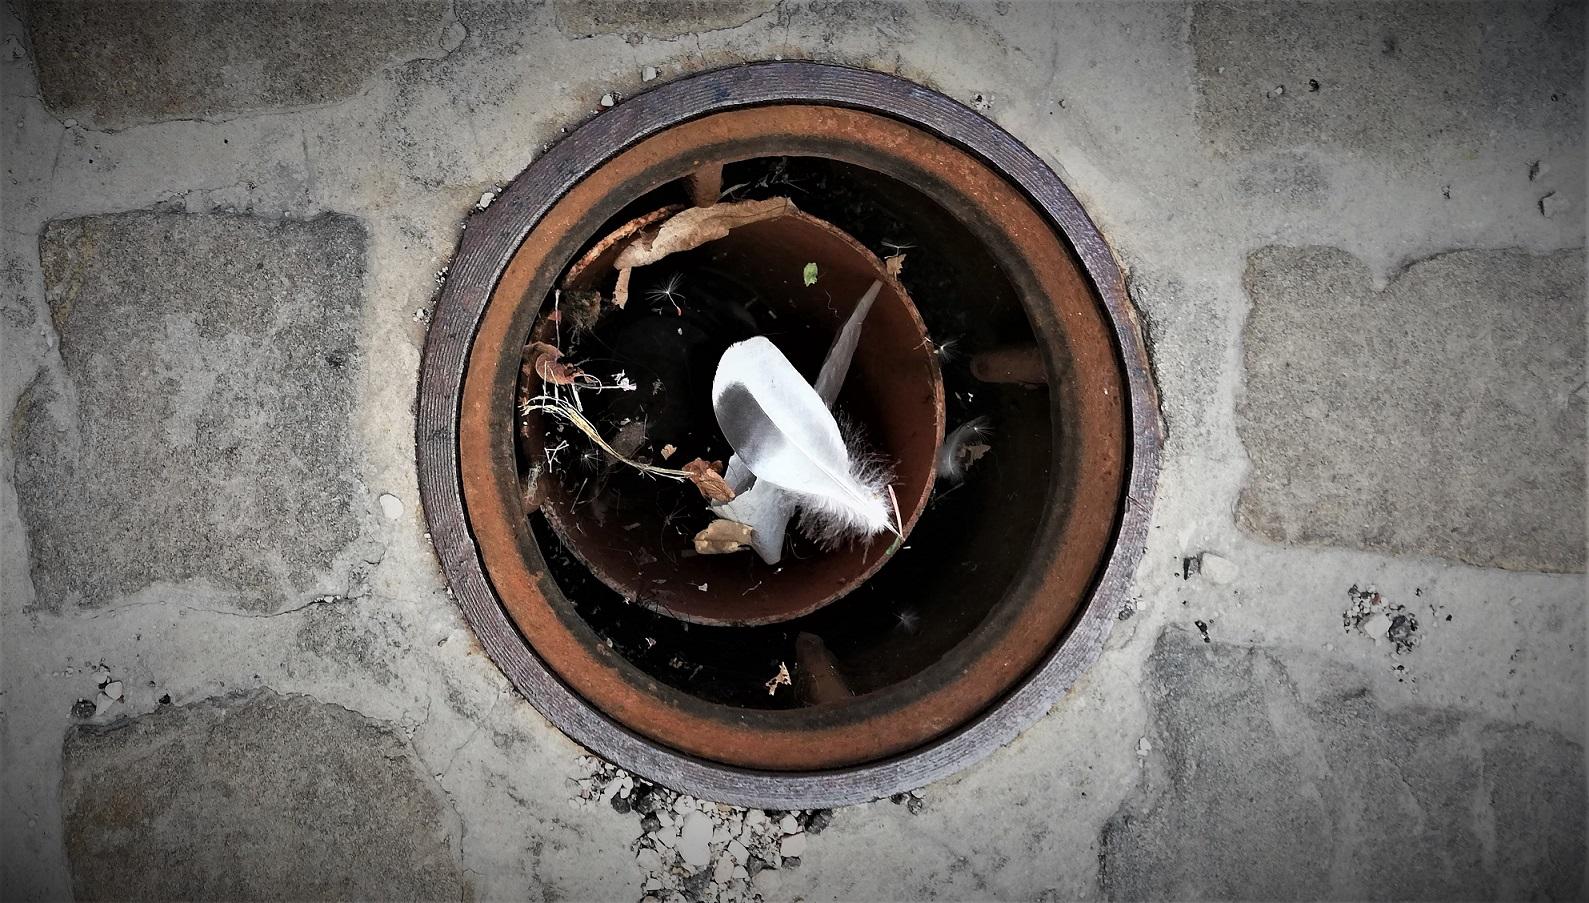 L'Italia del buco. Un buco su una via di un centro storico dove in questo caso ci pensa la piuma sopra la ragnatela a donargli quasi eleganza.